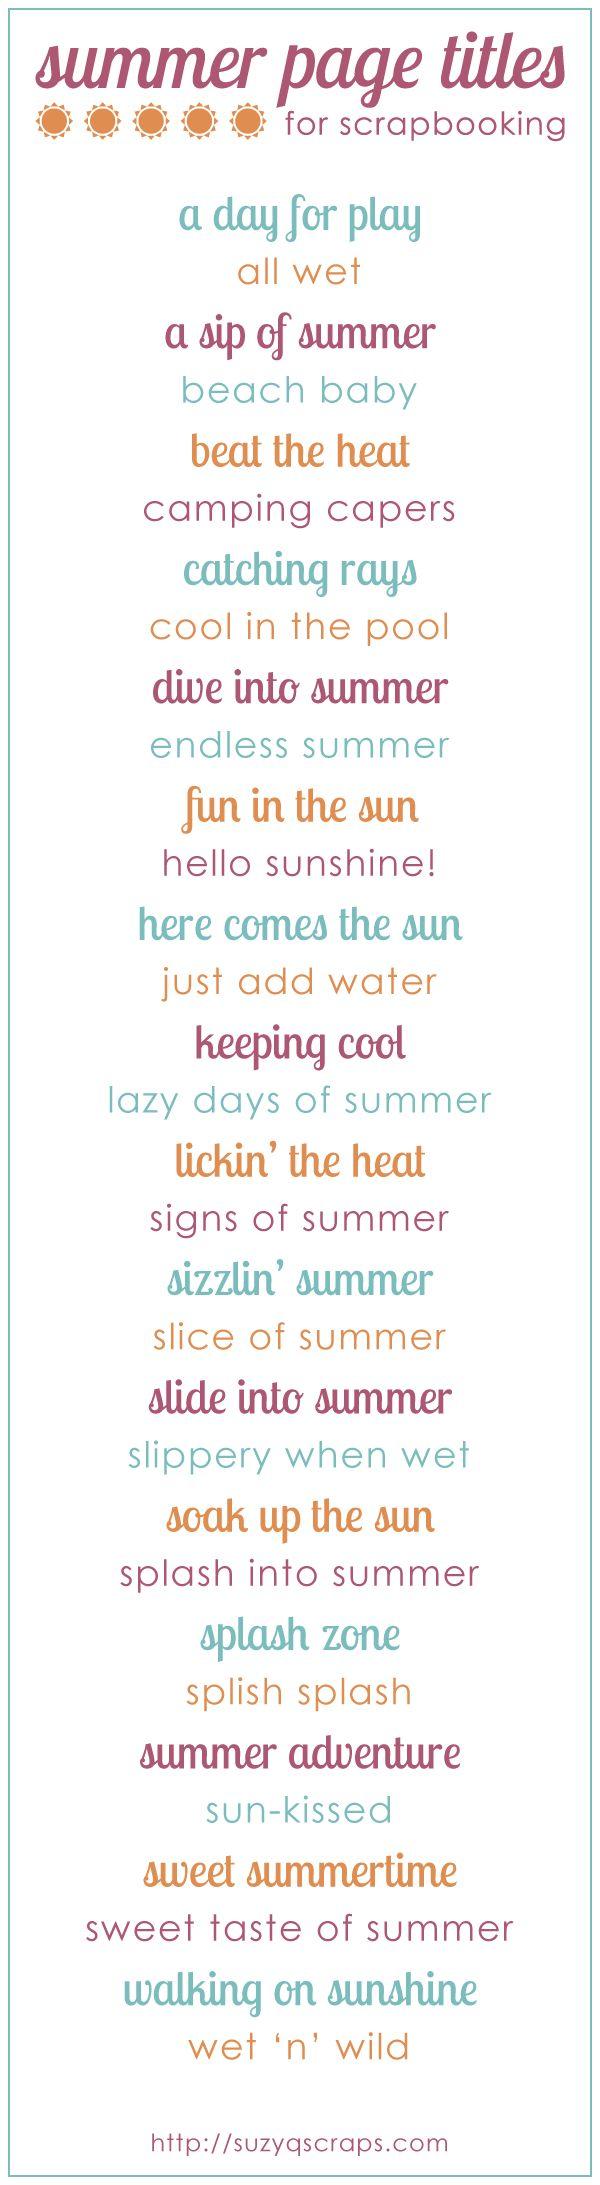 summer scrapbook idea   summer scrapbook page titles